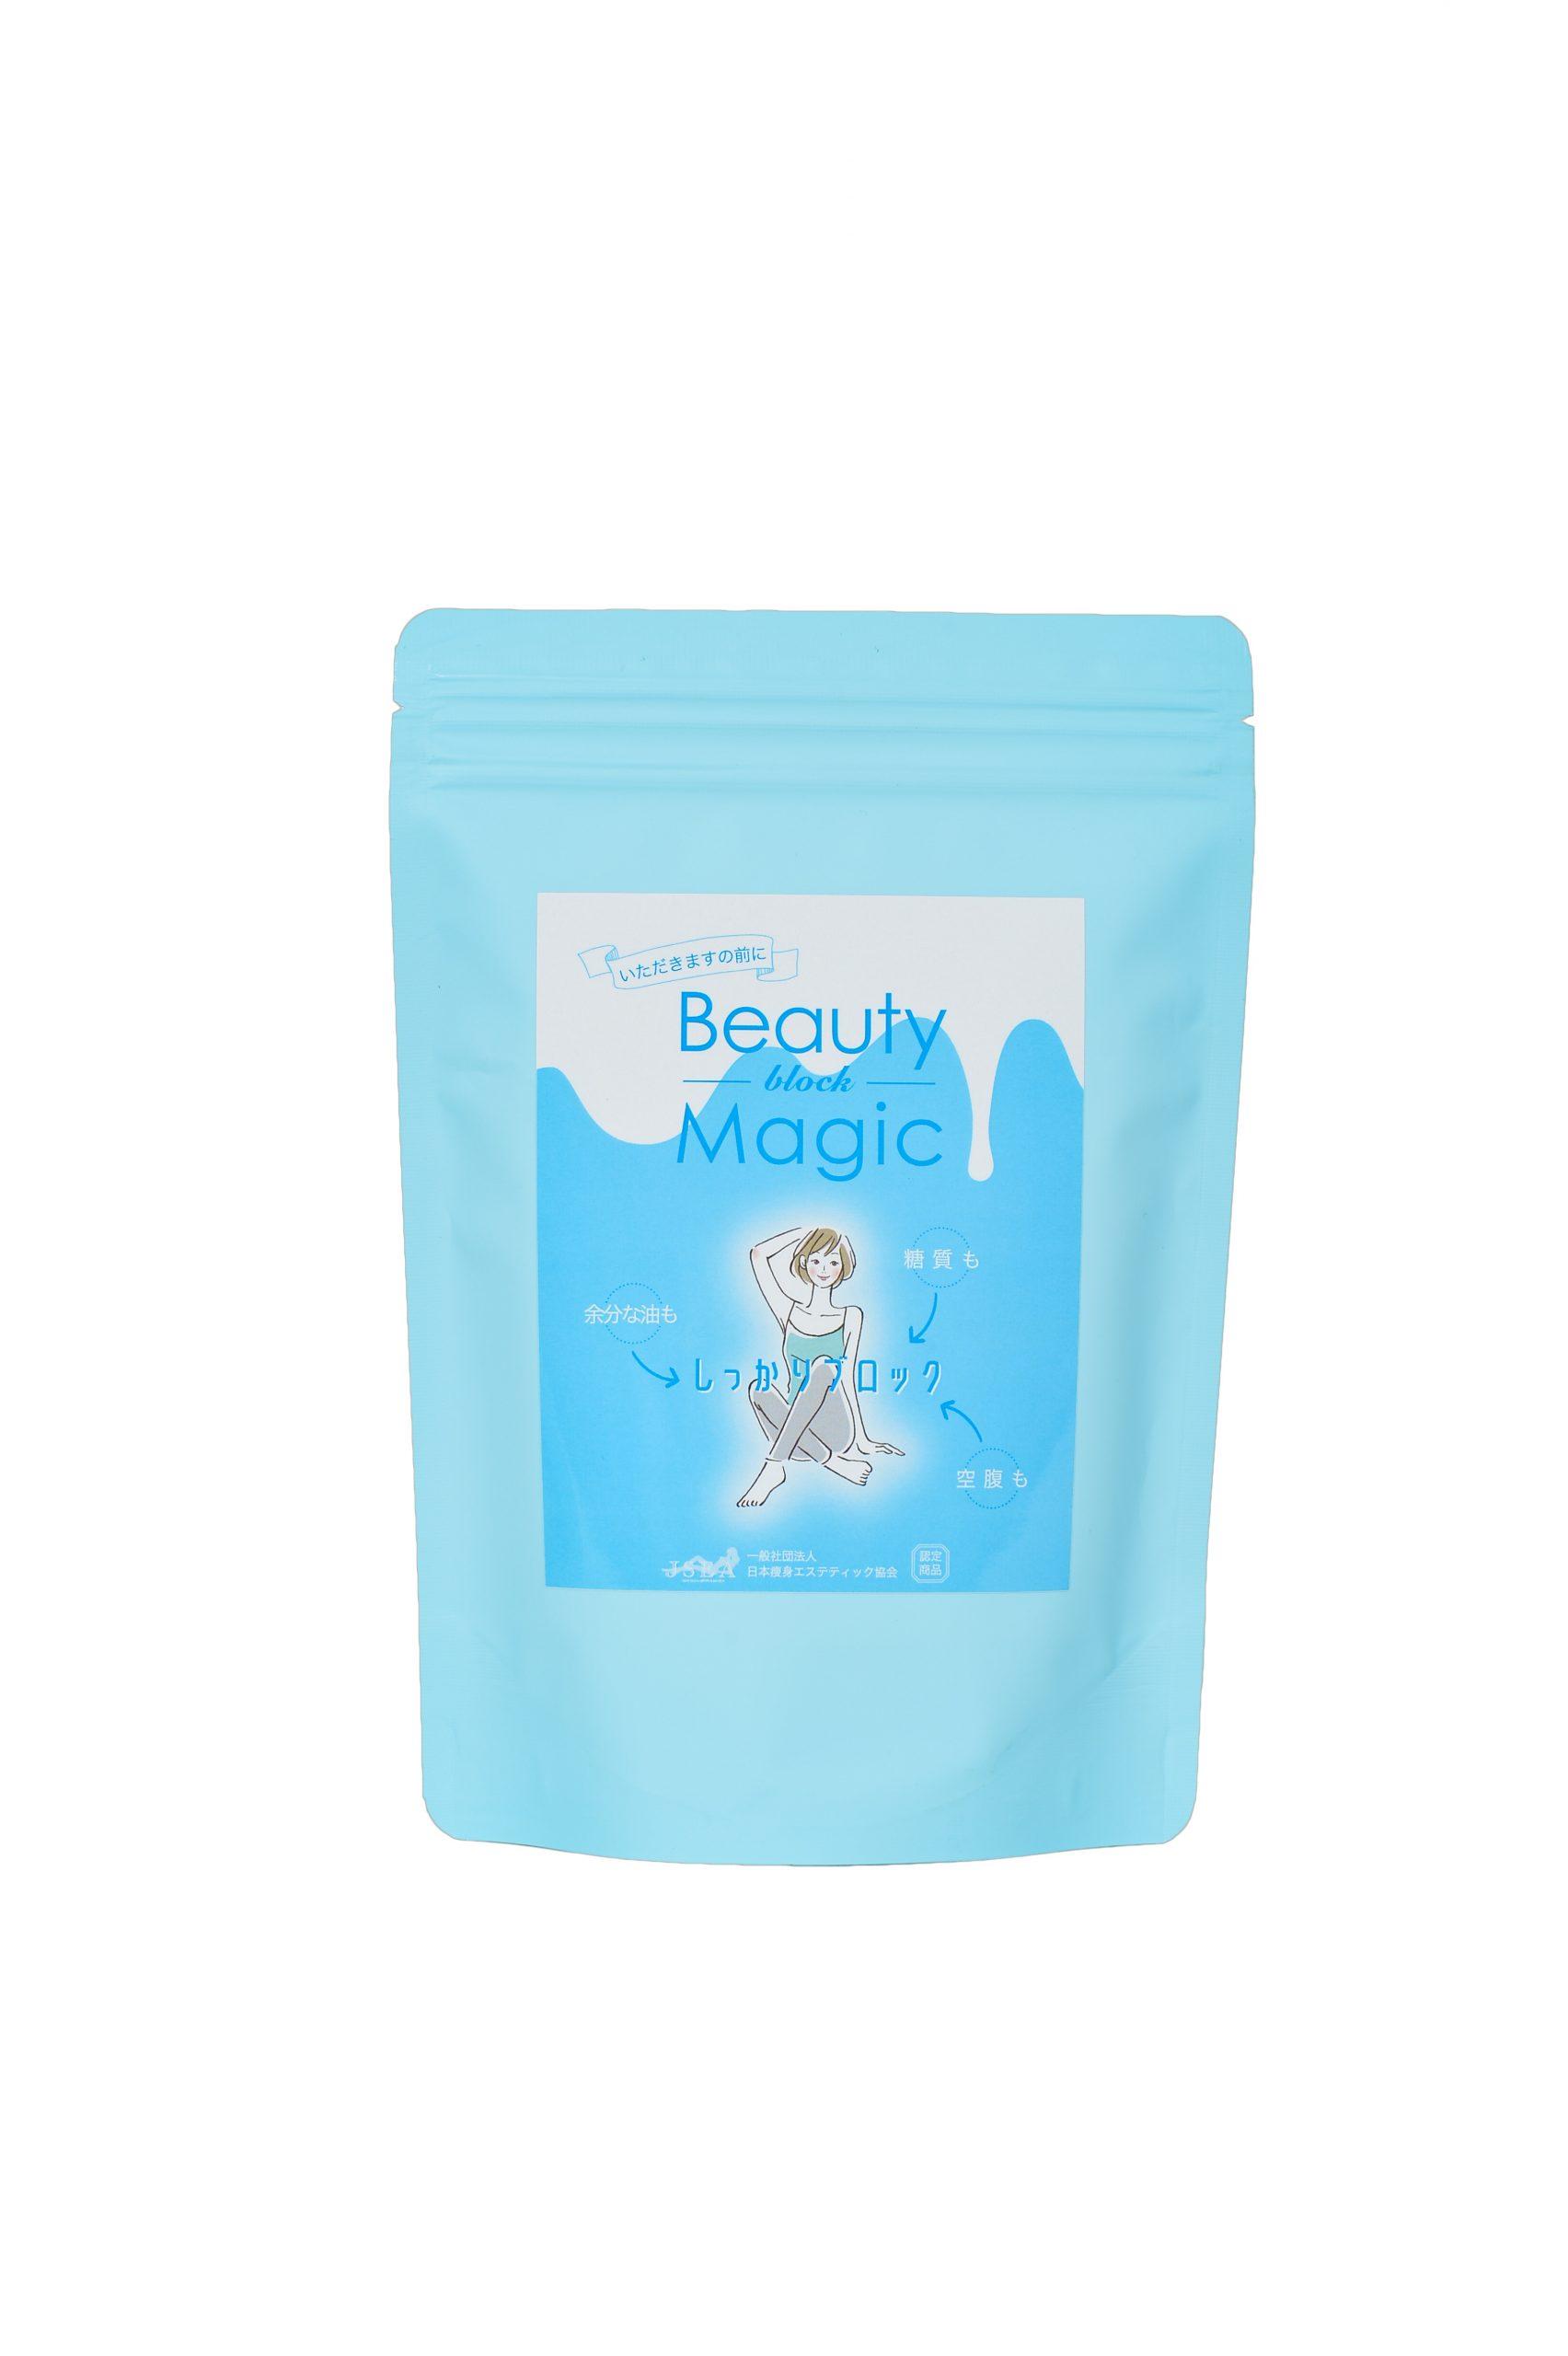 Beauty Magic (block)</br>ビューティーマジック</br>ブロック(32本)